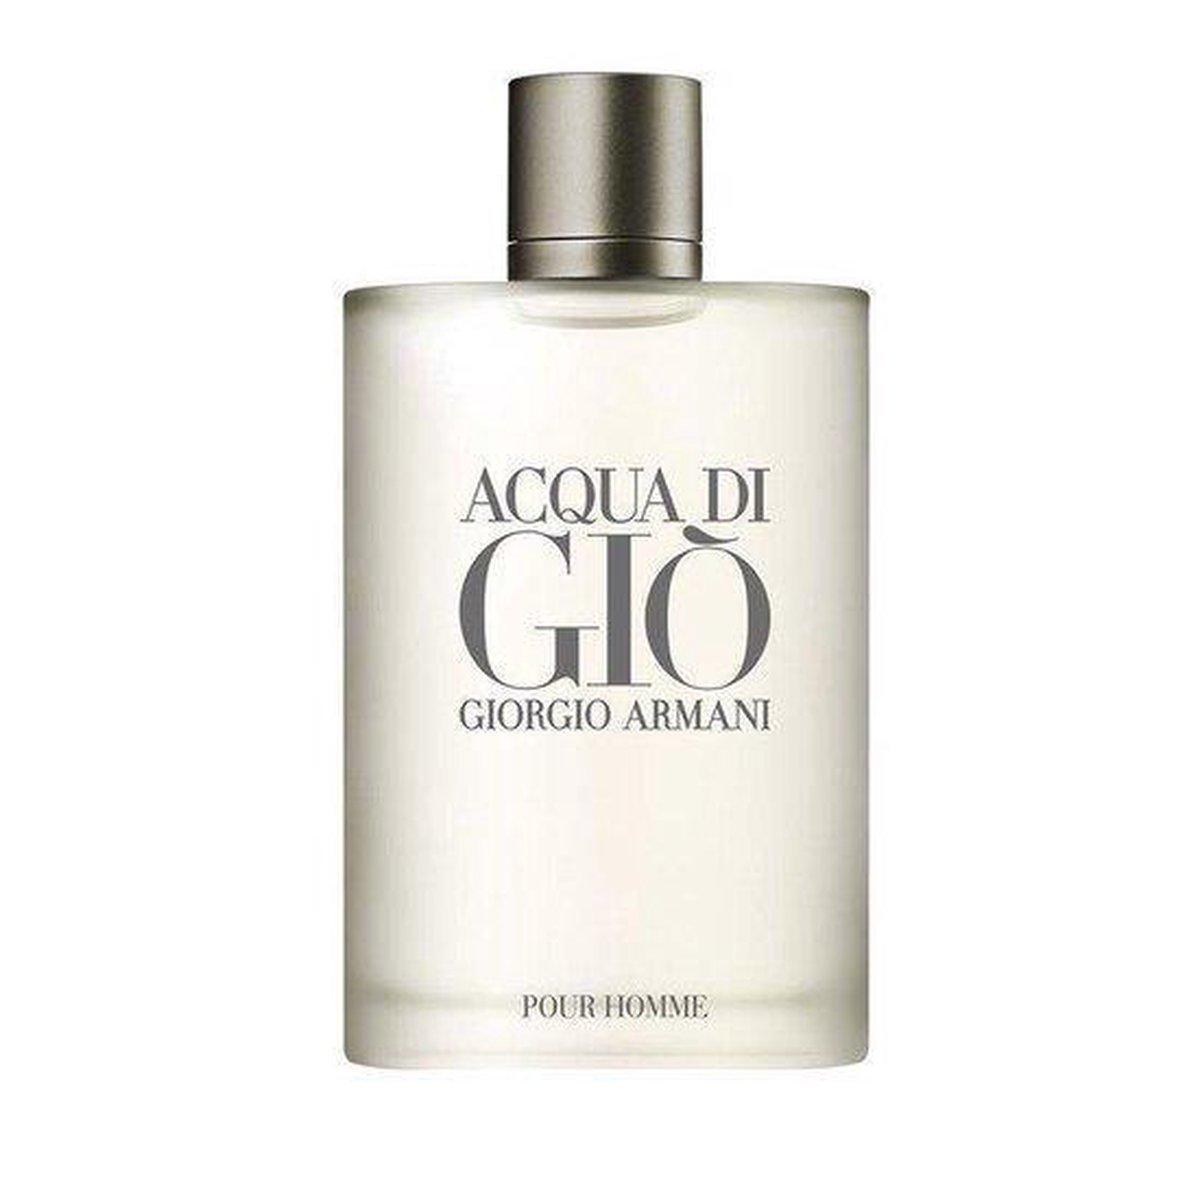 Giorgio Armani Acqua di Gio 50 ml – Eau de Toilette – Herenparfum